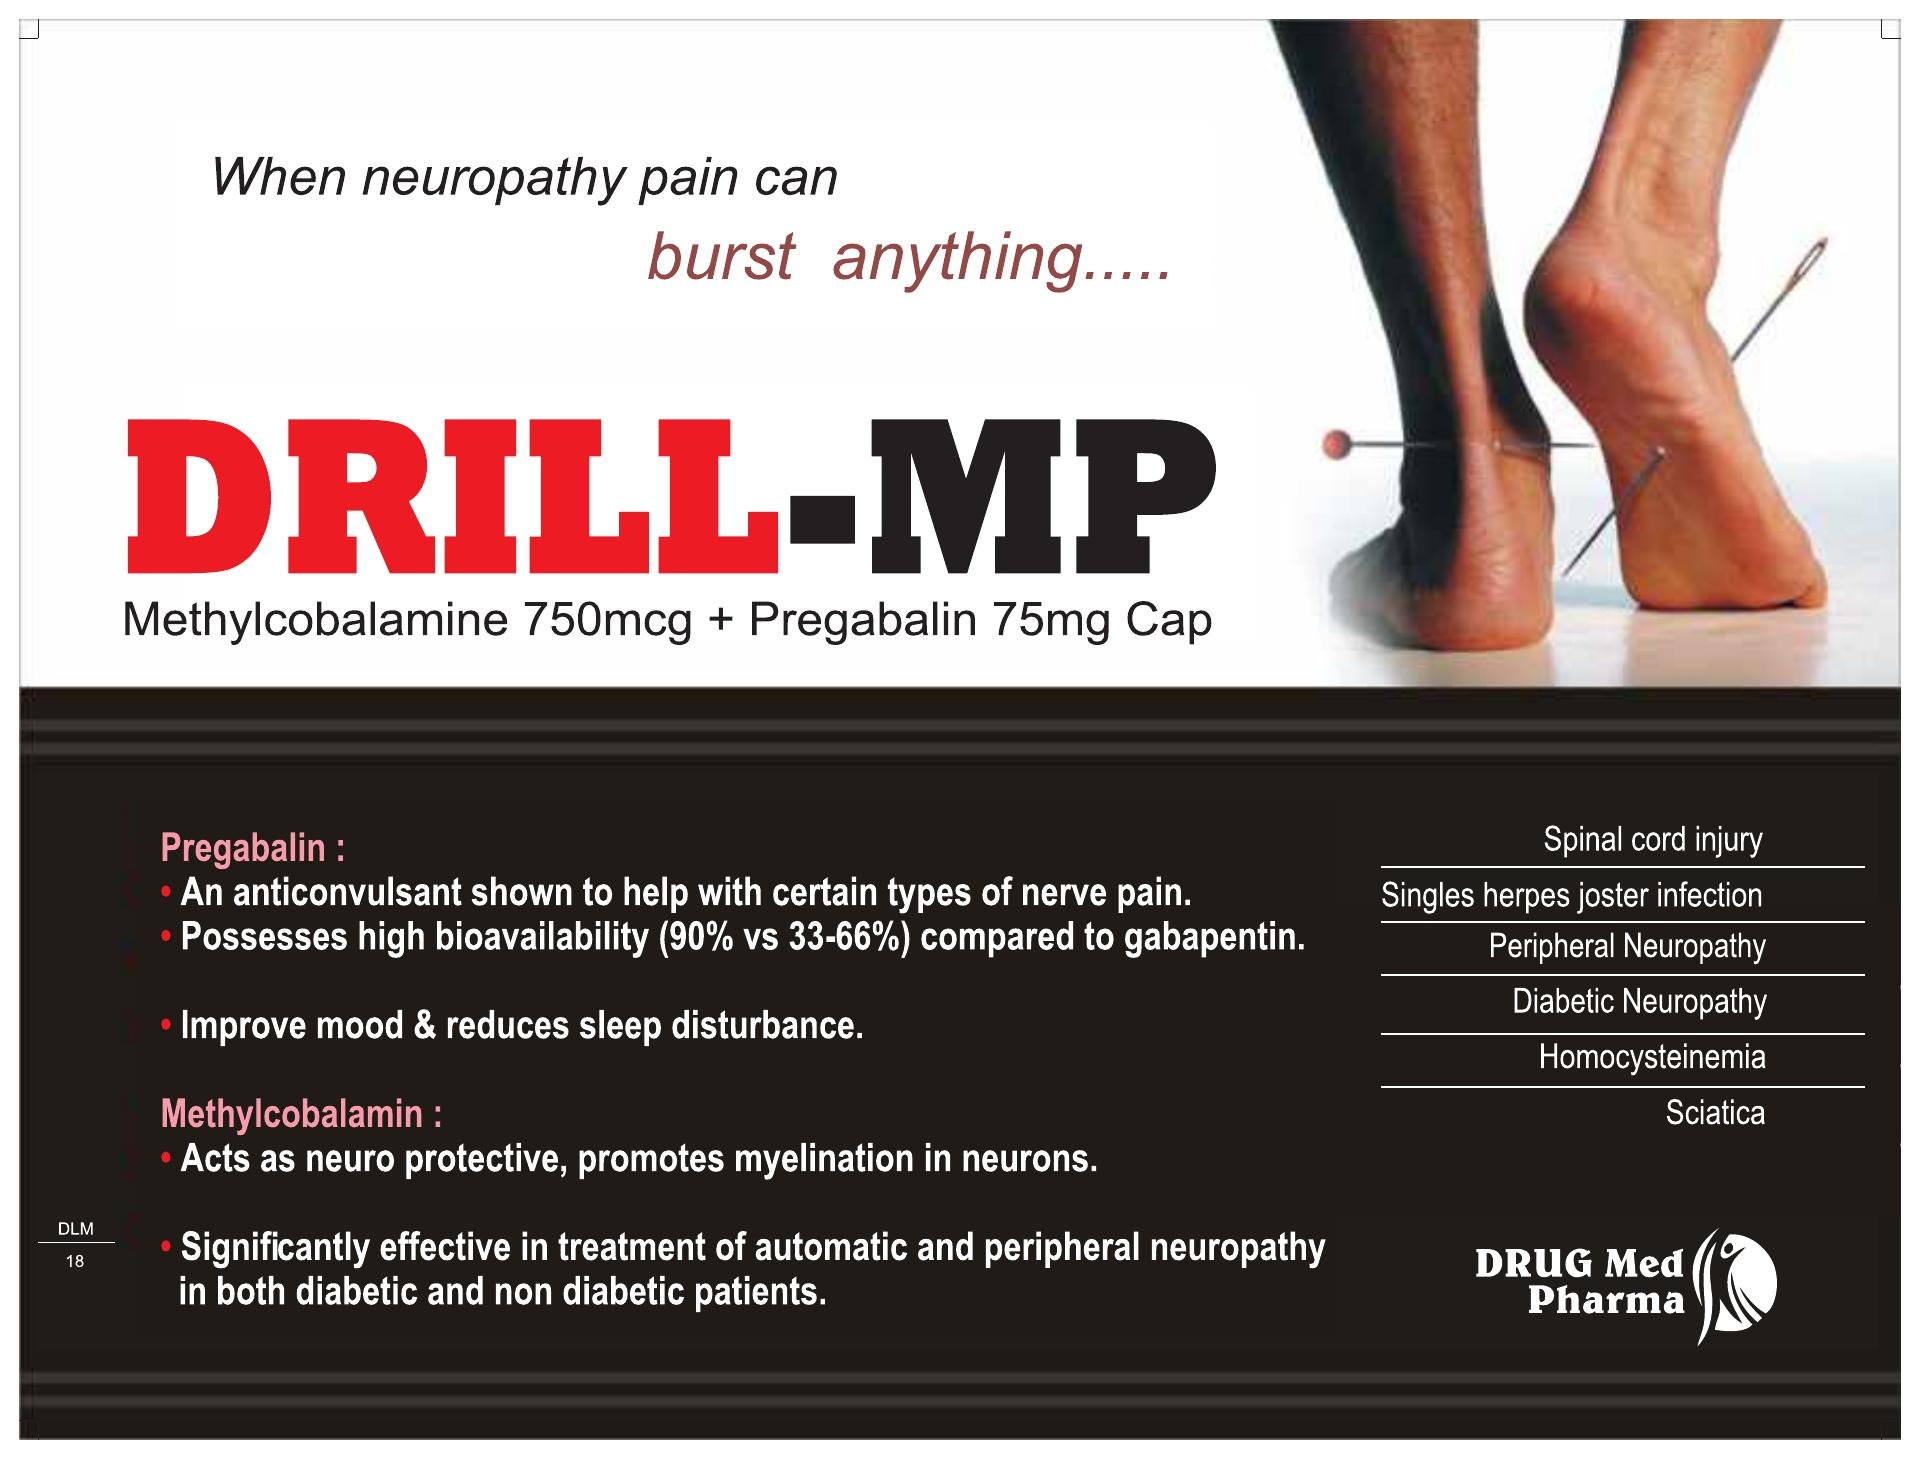 DRILL-MP